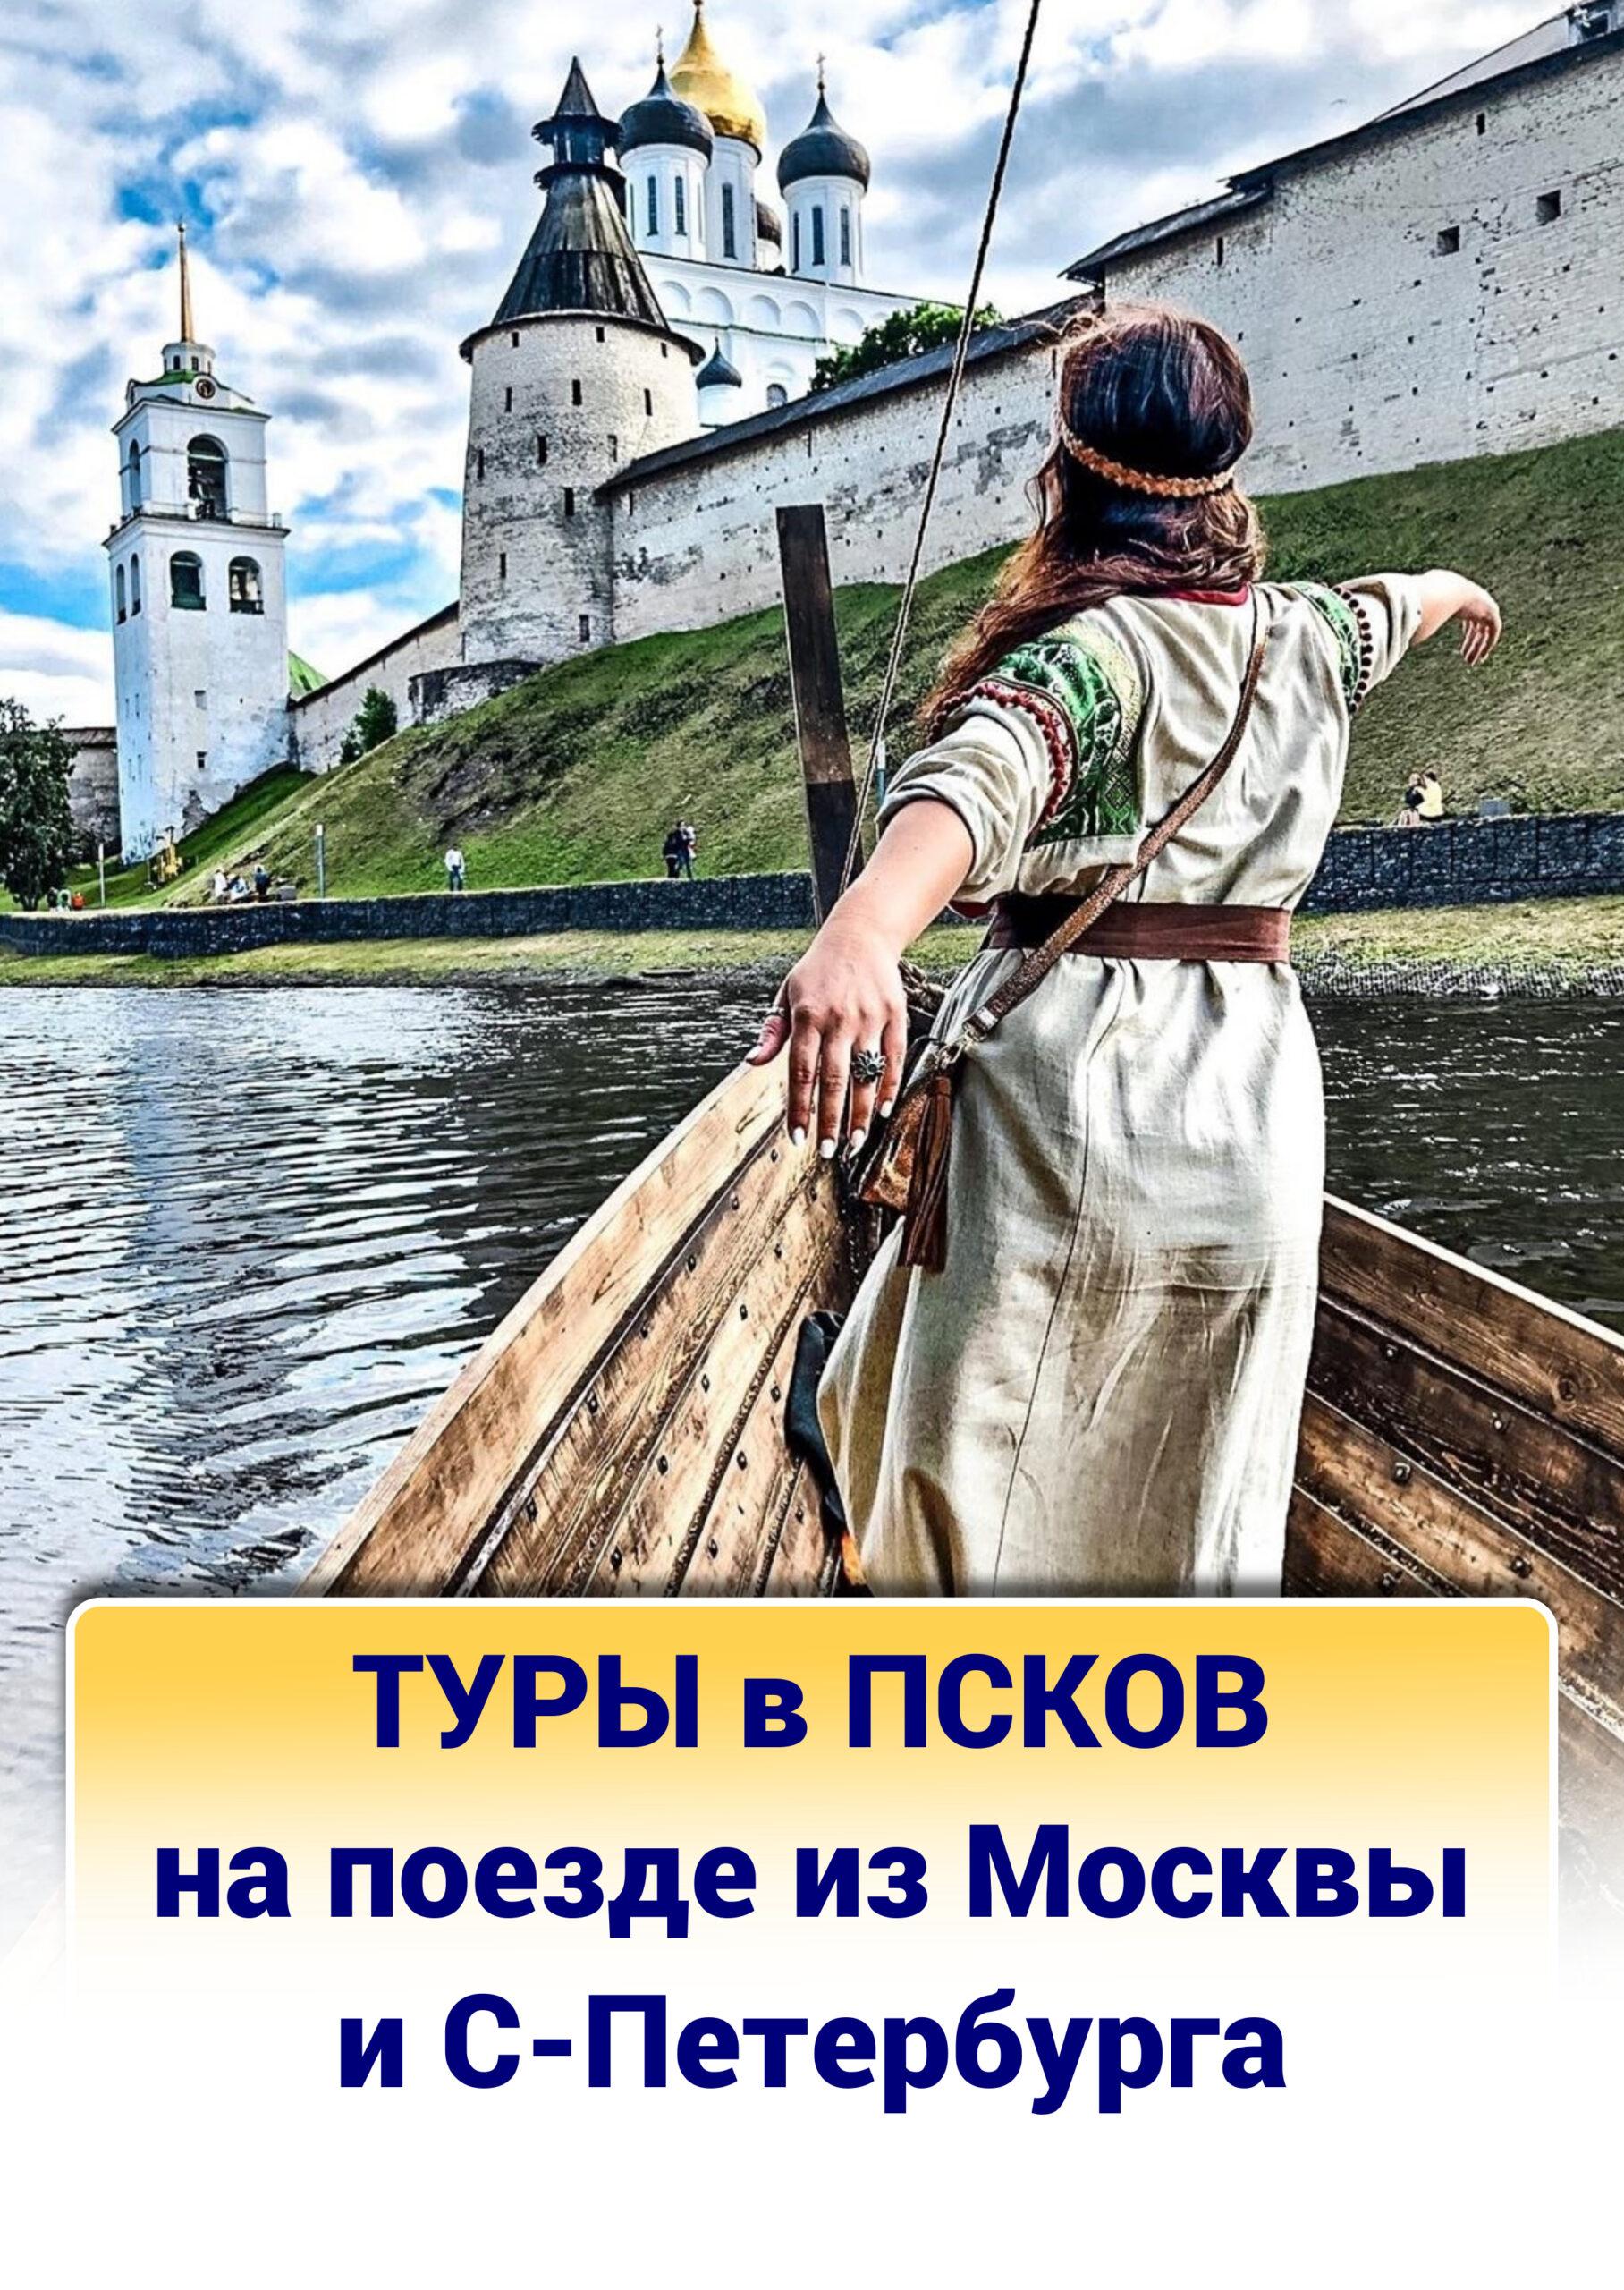 Туры в Псков на поезде из Москвы и С-Петербурга